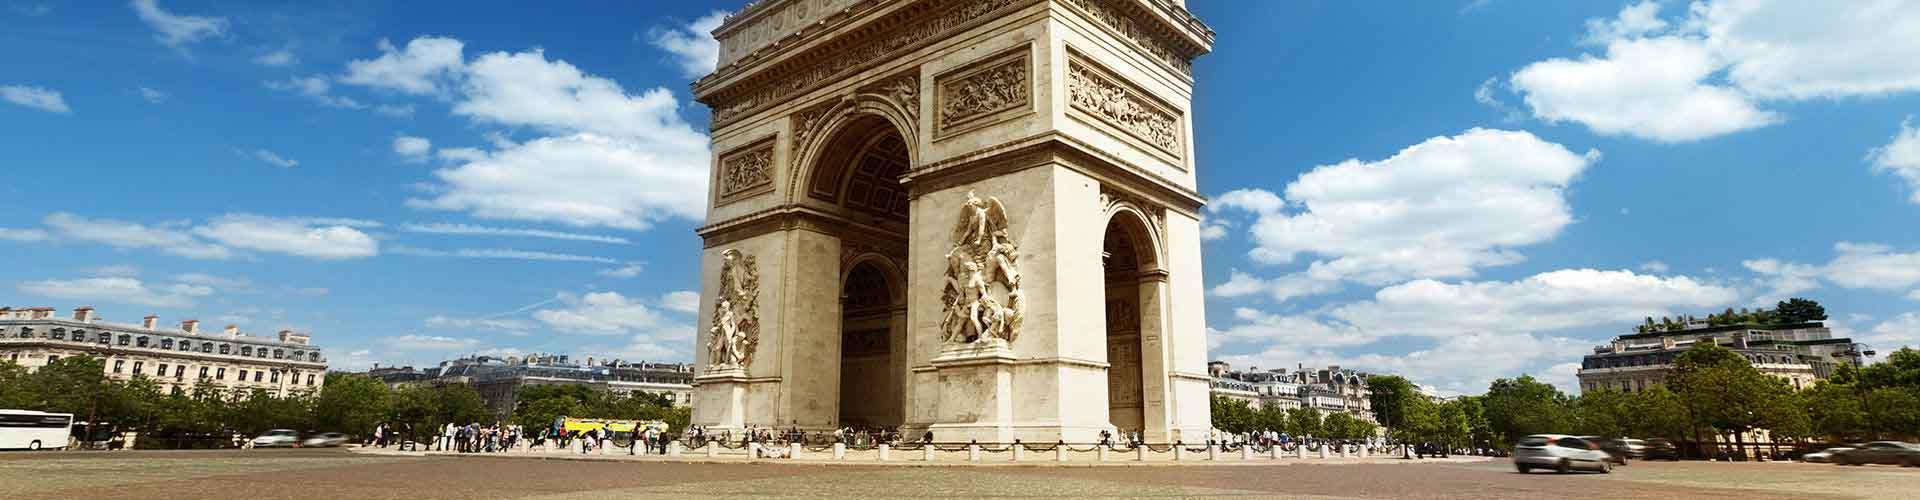 París - Albergues Juveniles cerca a Arco del Triunfo. Mapas de París, Fotos y Comentarios para cada Albergue Juvenil en París.